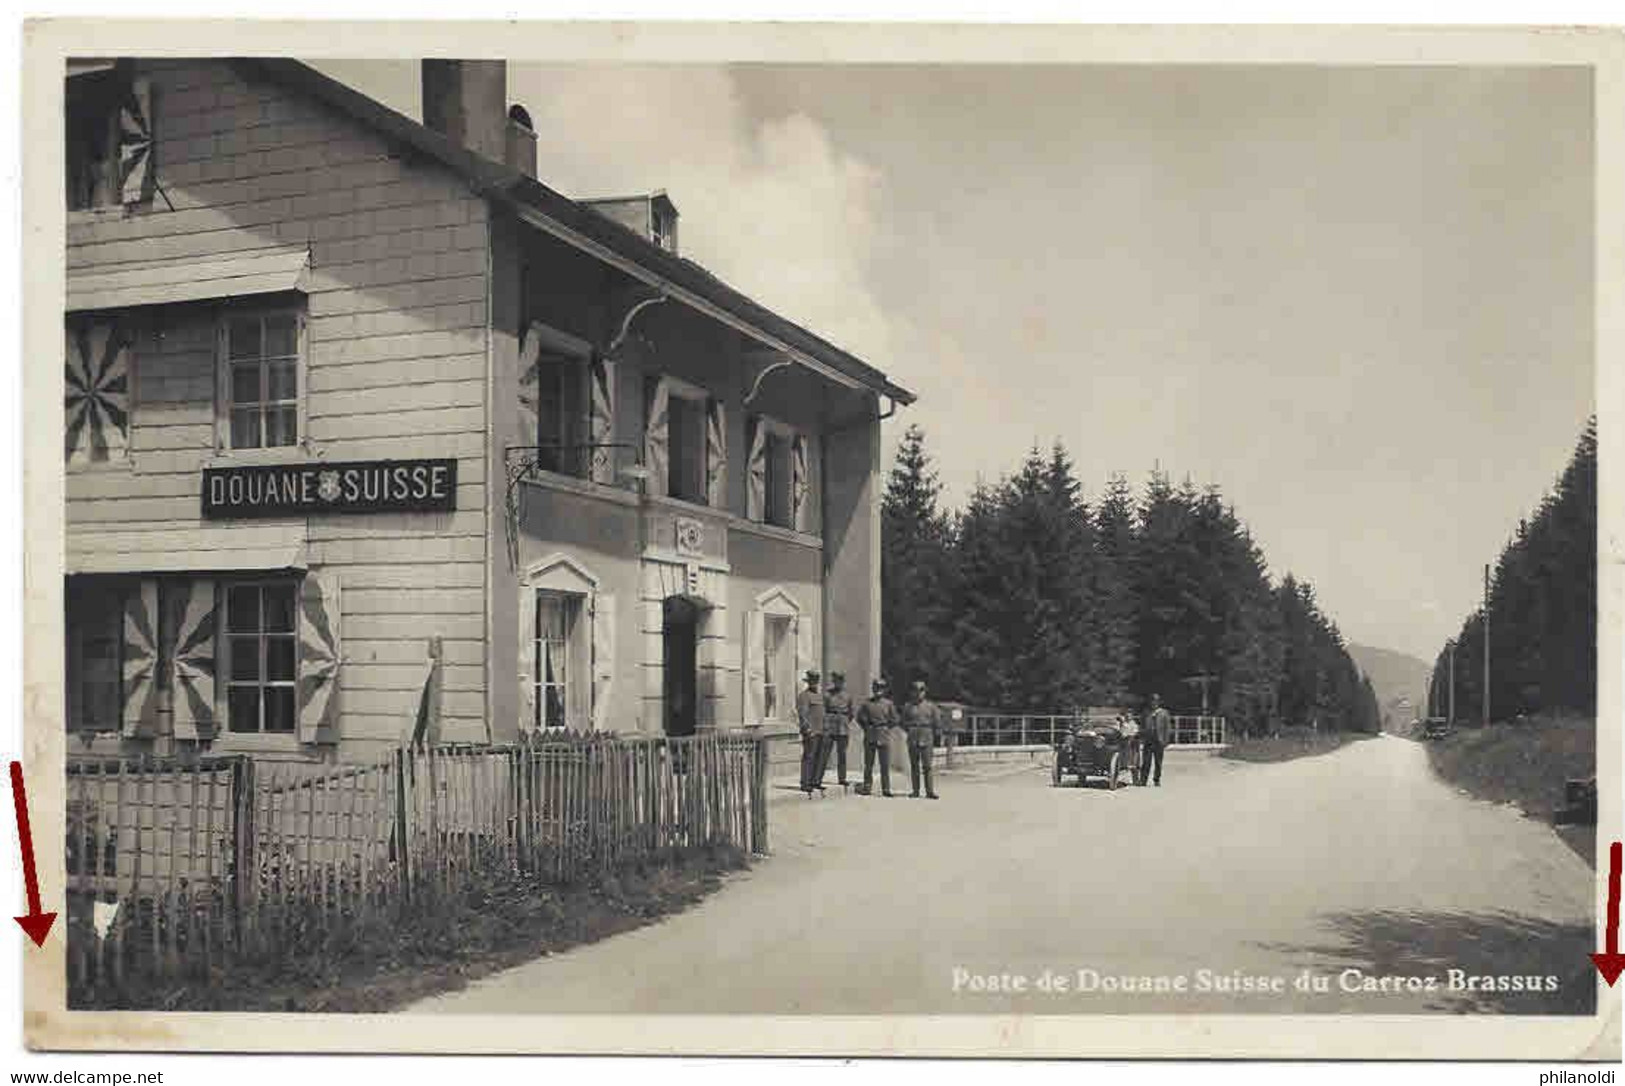 Poste De Douane Suisse Du Carroz Brassus, Animée, Personnages, Voiture. Non Voyagée. Wagen. Zollamt. Dogana. Custom. - VD Vaud